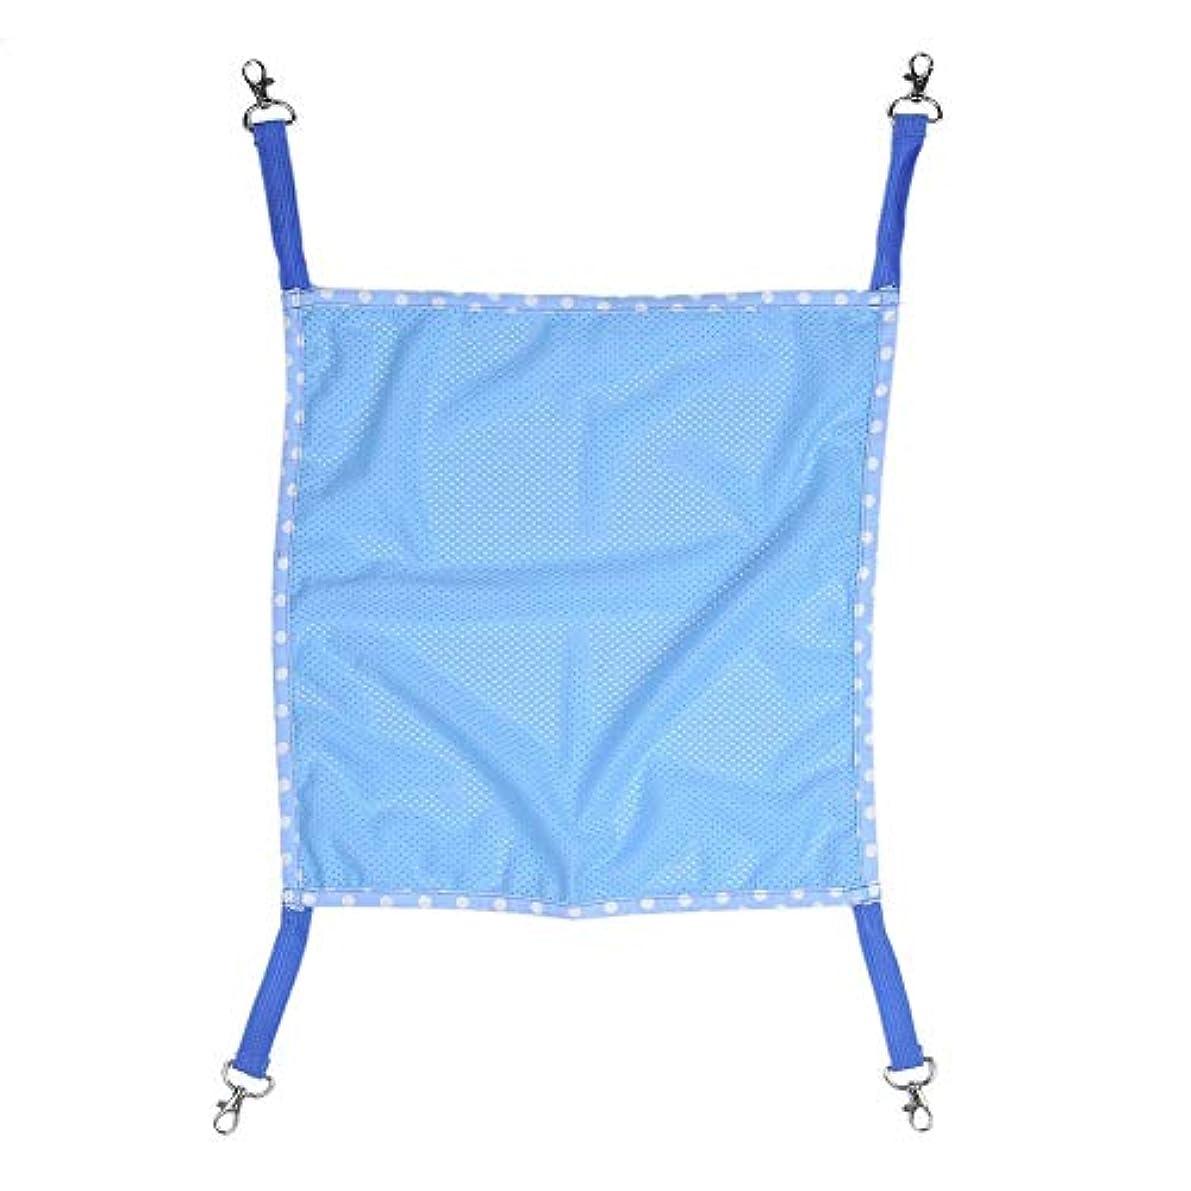 テンションめったにささやきTAONMEISU メッシュハンモック ブルー/ピンク 長さ調整できる ベッドやスイングとして